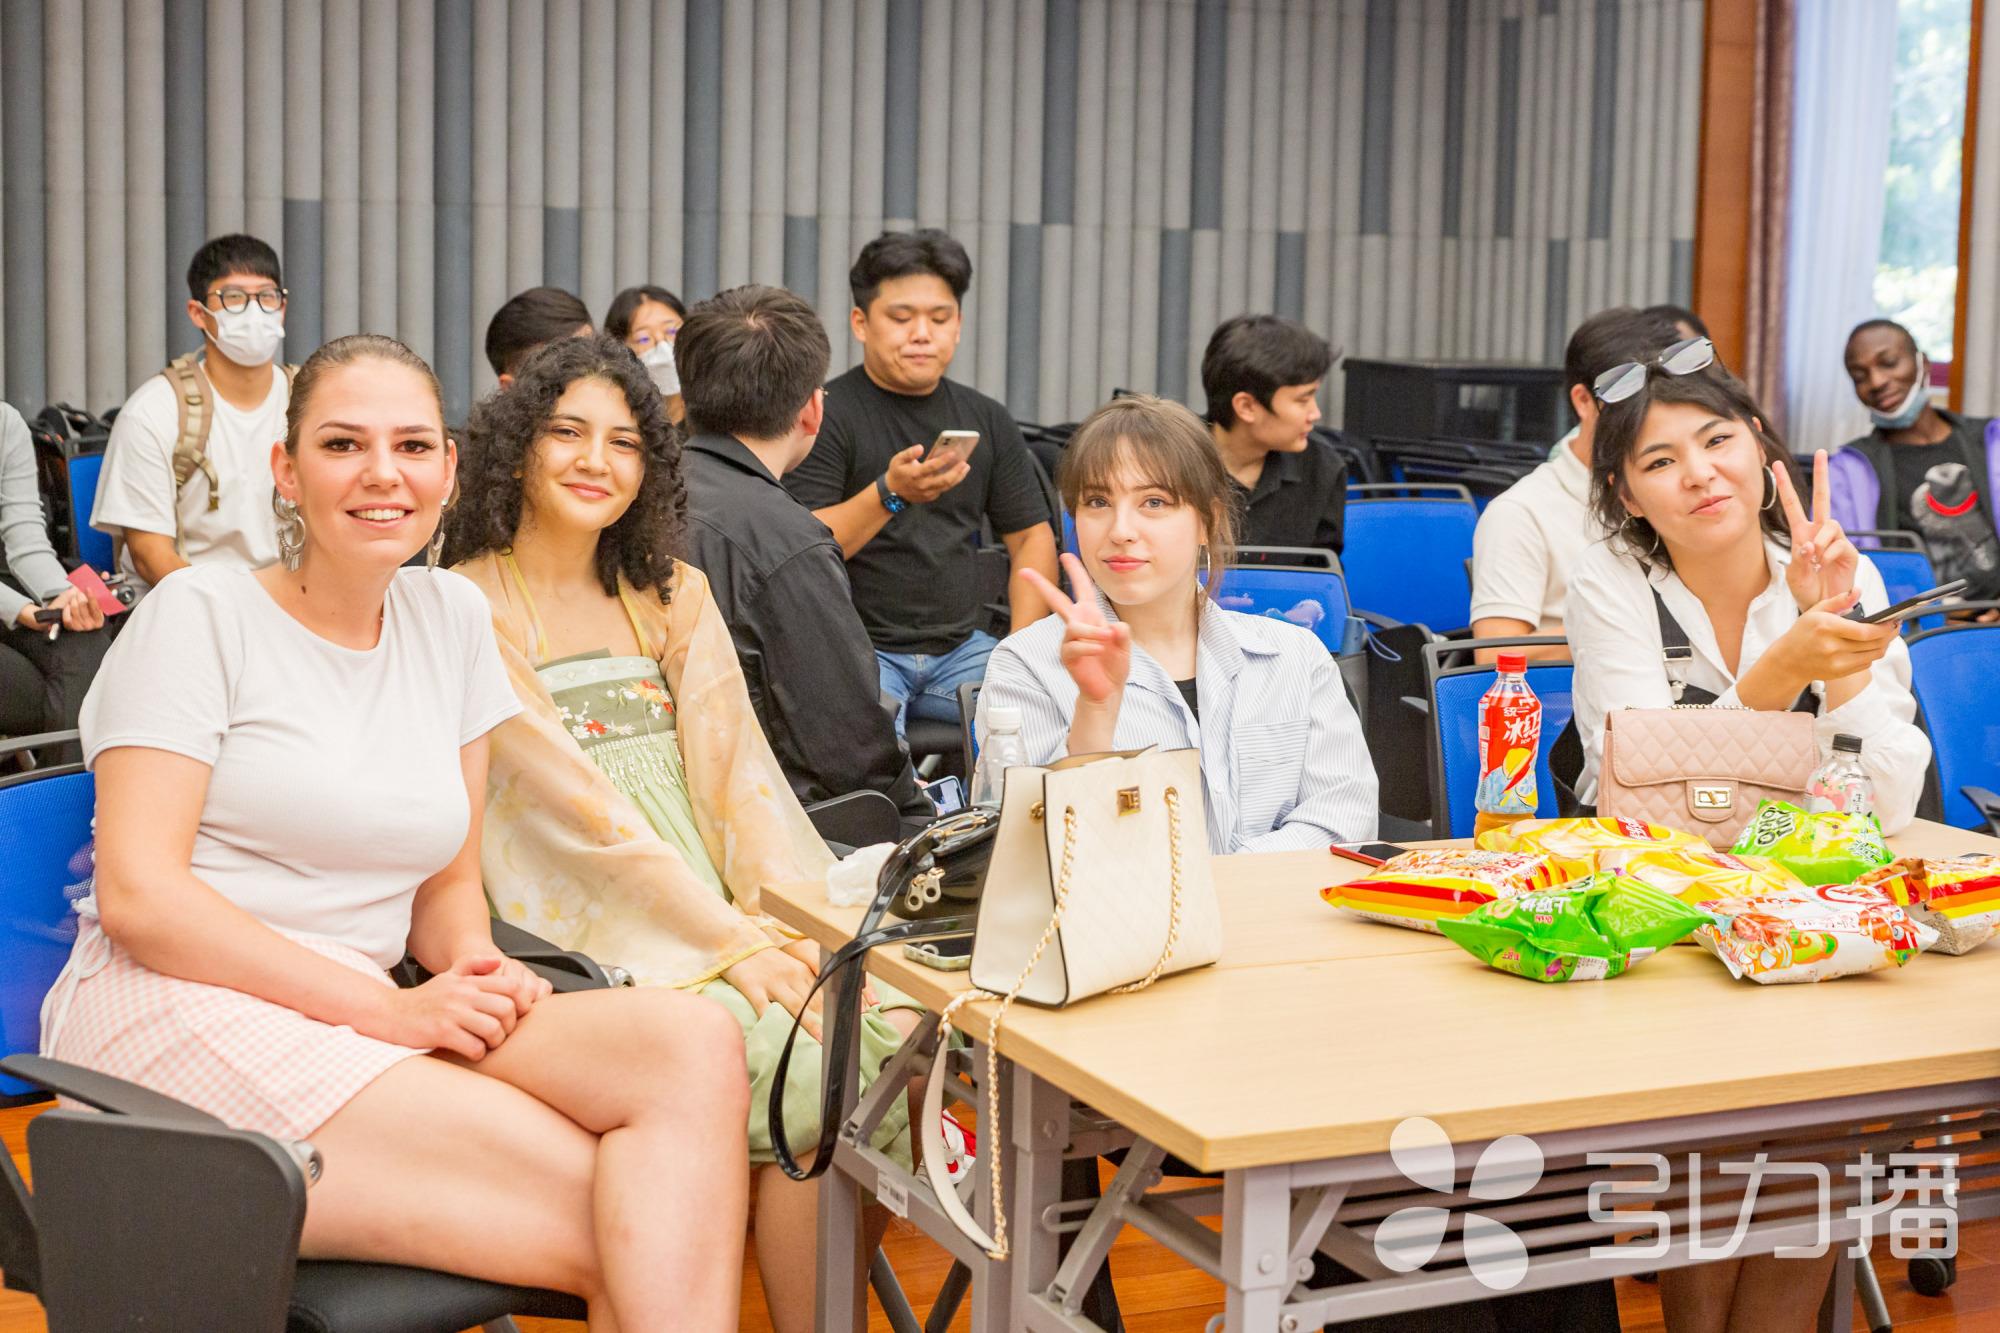 唱歌、跳舞、游戏……天涯共此时,苏州大学留学生共度快乐中秋